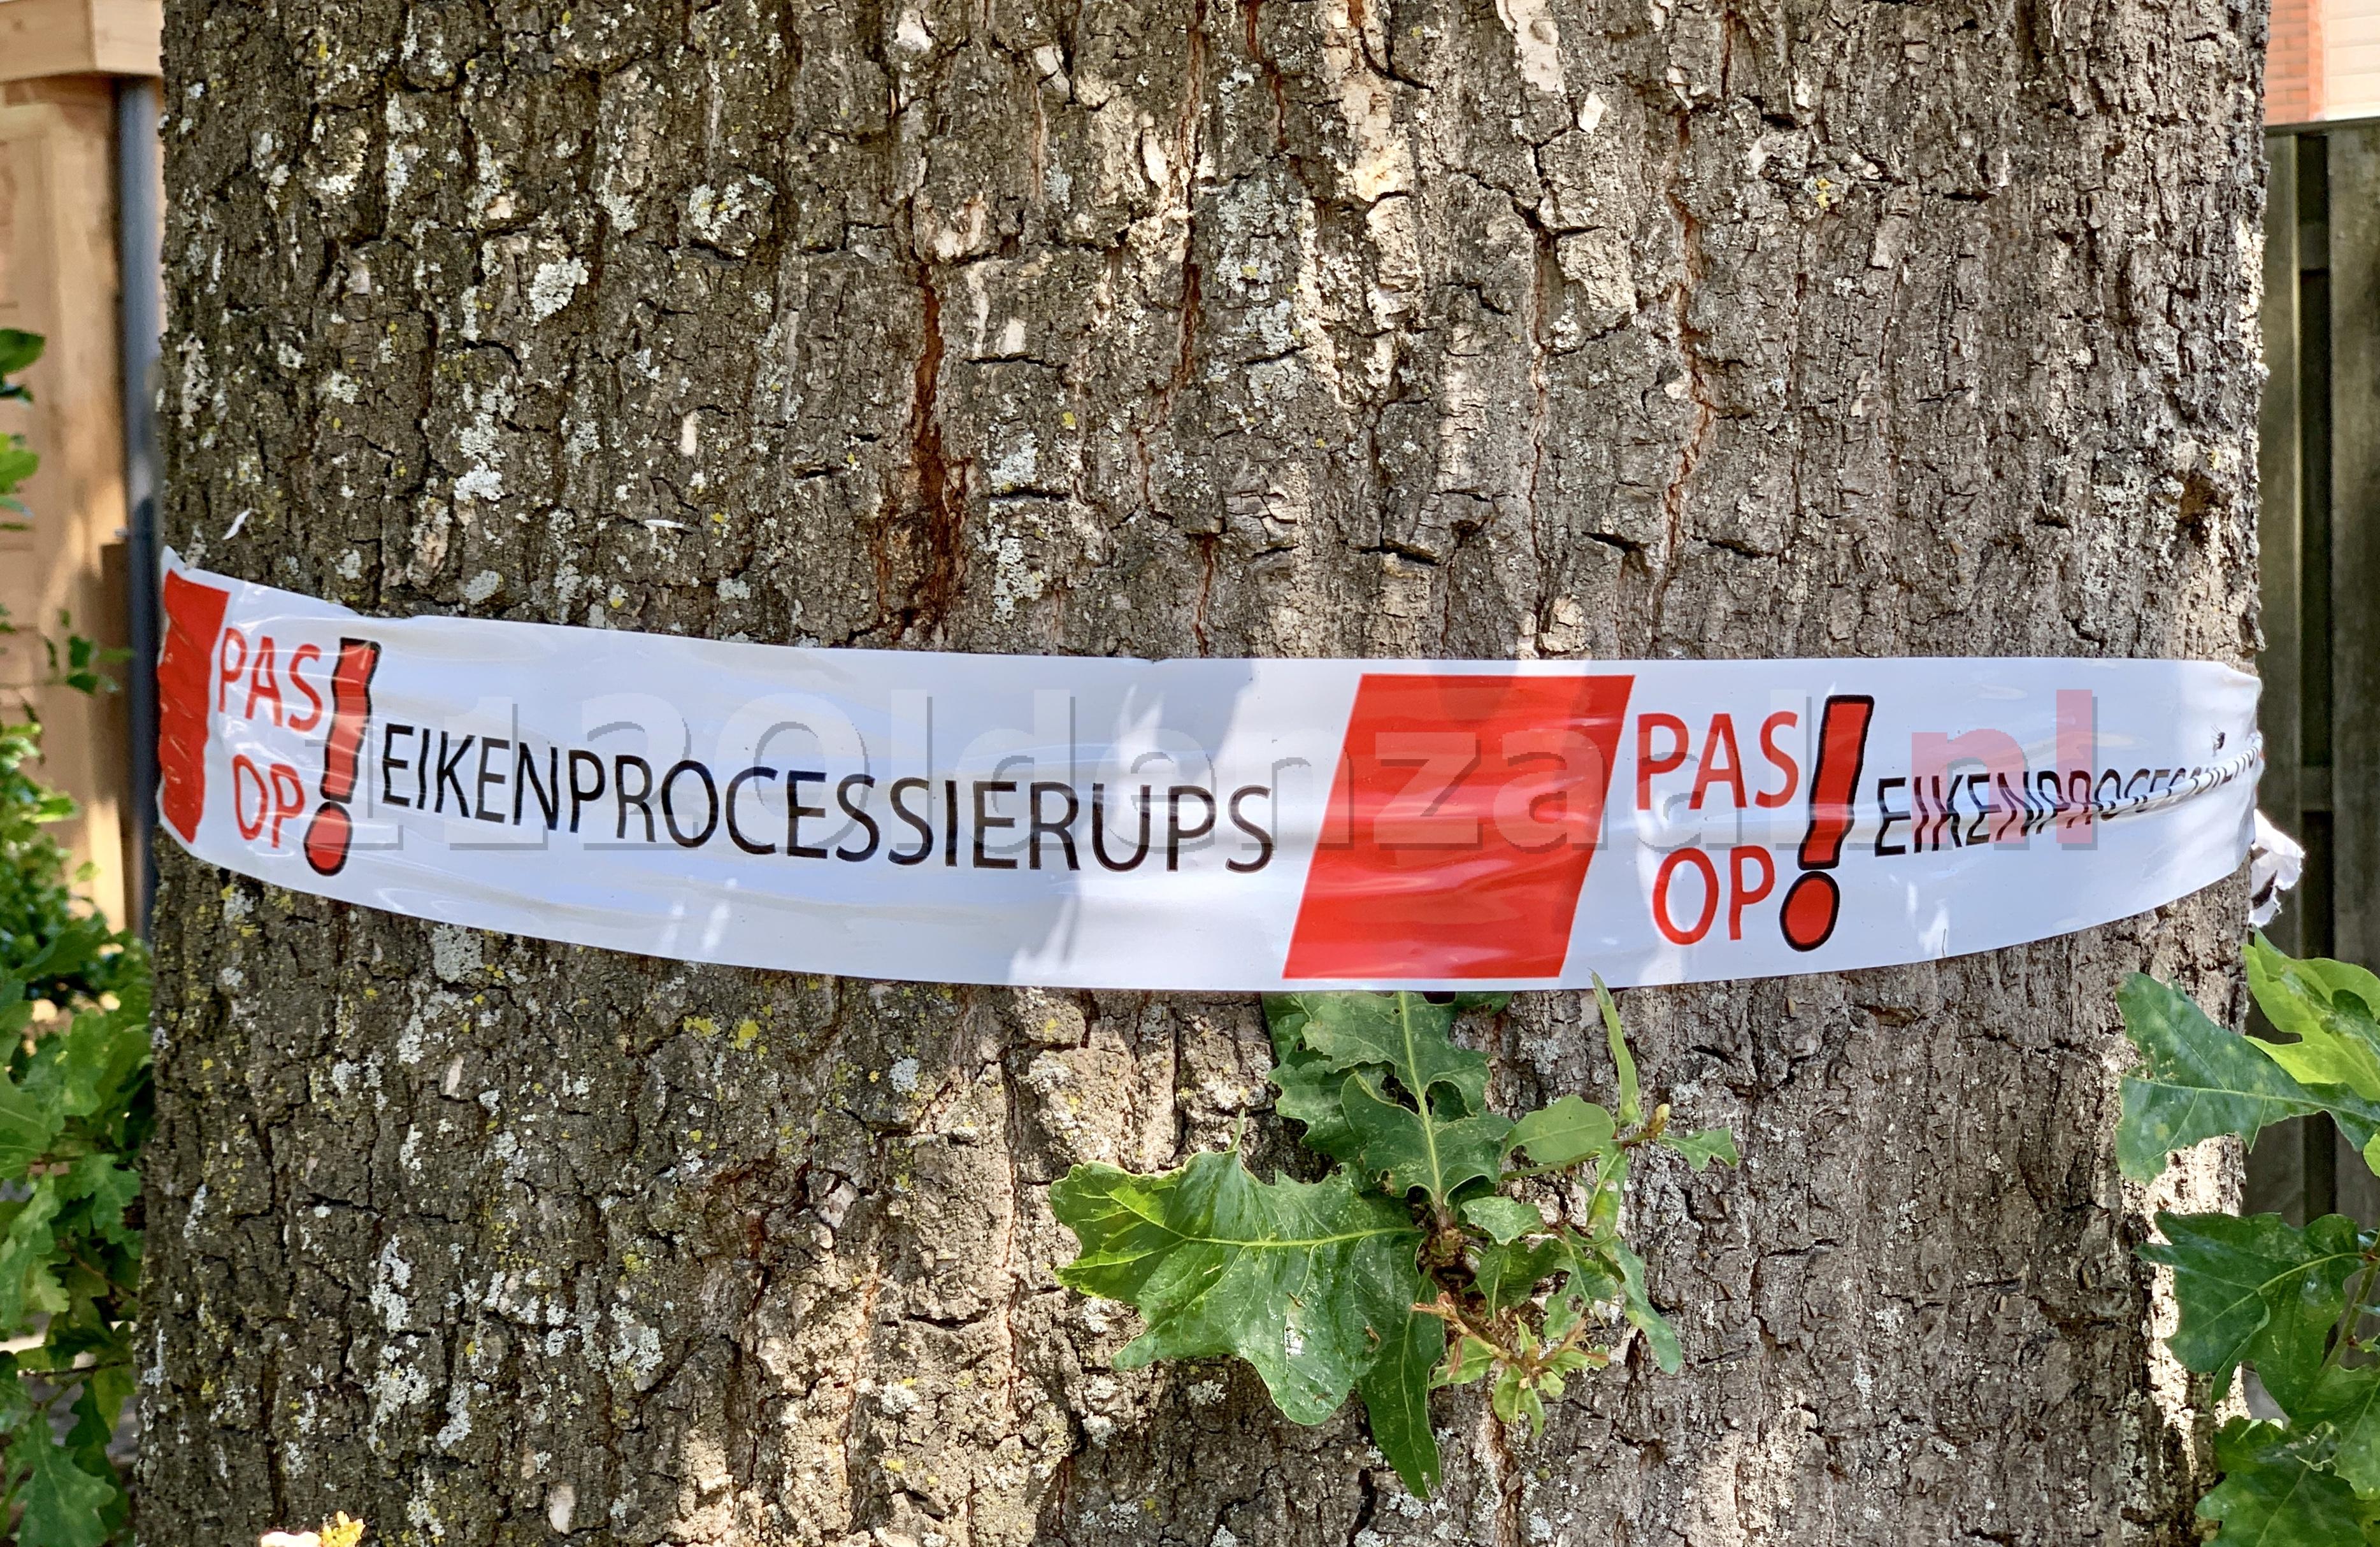 Inzet van extra capaciteit voor verwijderen eikenprocessierups in Oldenzaal